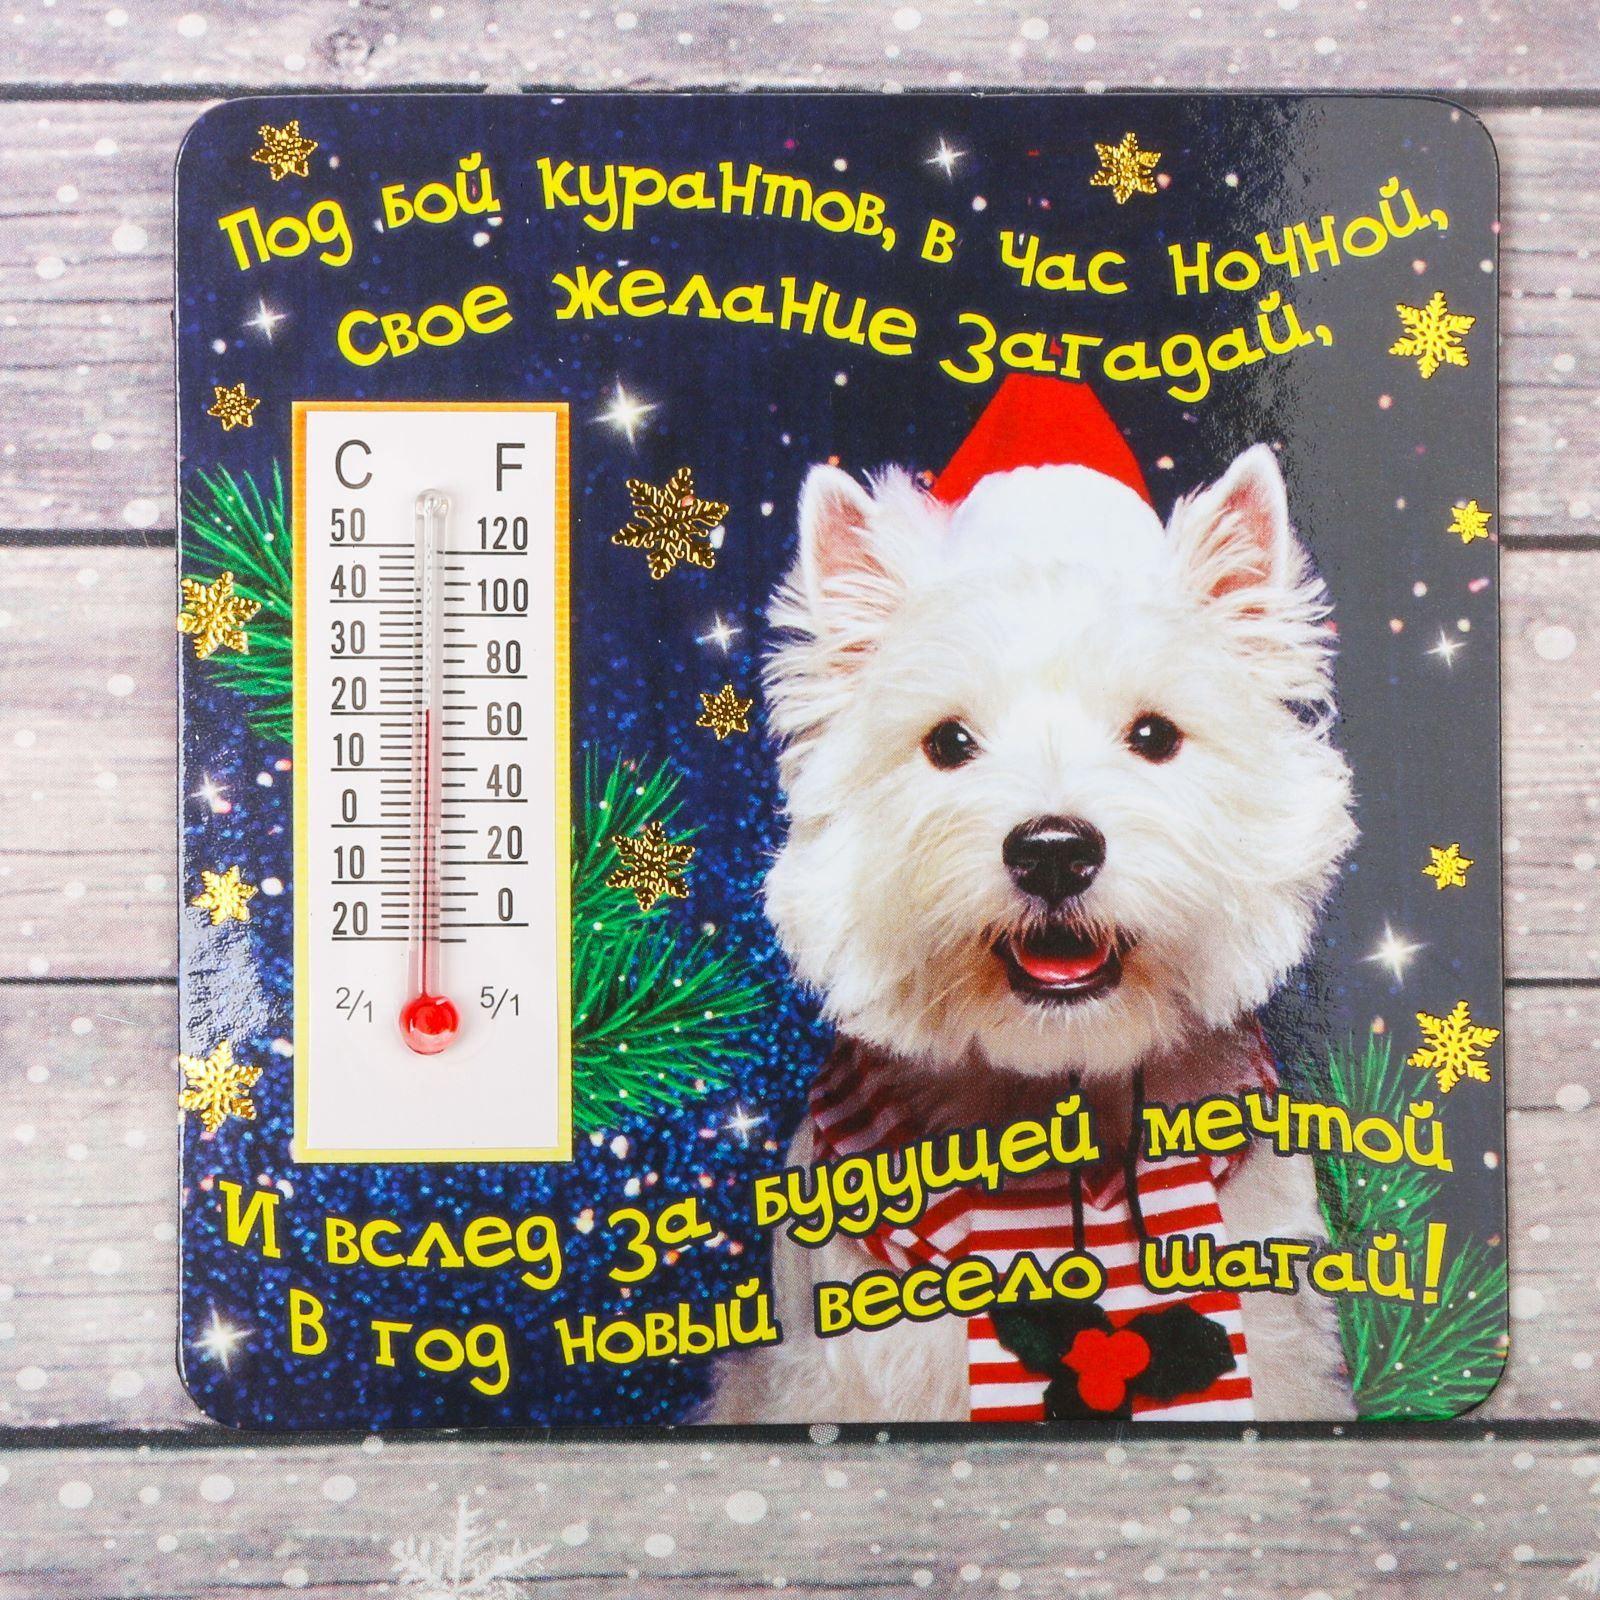 Магнит Sima-land Веселого Нового года, с термометром, 8 х 8 см2011365Порадуйте родных и близких оригинальным сувениром: преподнесите в подарок магнит. С ним даже самый серьезный человек почувствует себя ребенком, ожидающим чудо! Прикрепите его к любой металлической поверхности, и он удержит на виду важные записки, любовные послания или просто список продуктов.Создайте праздничное настроение, и оно останется с вами на весь год.